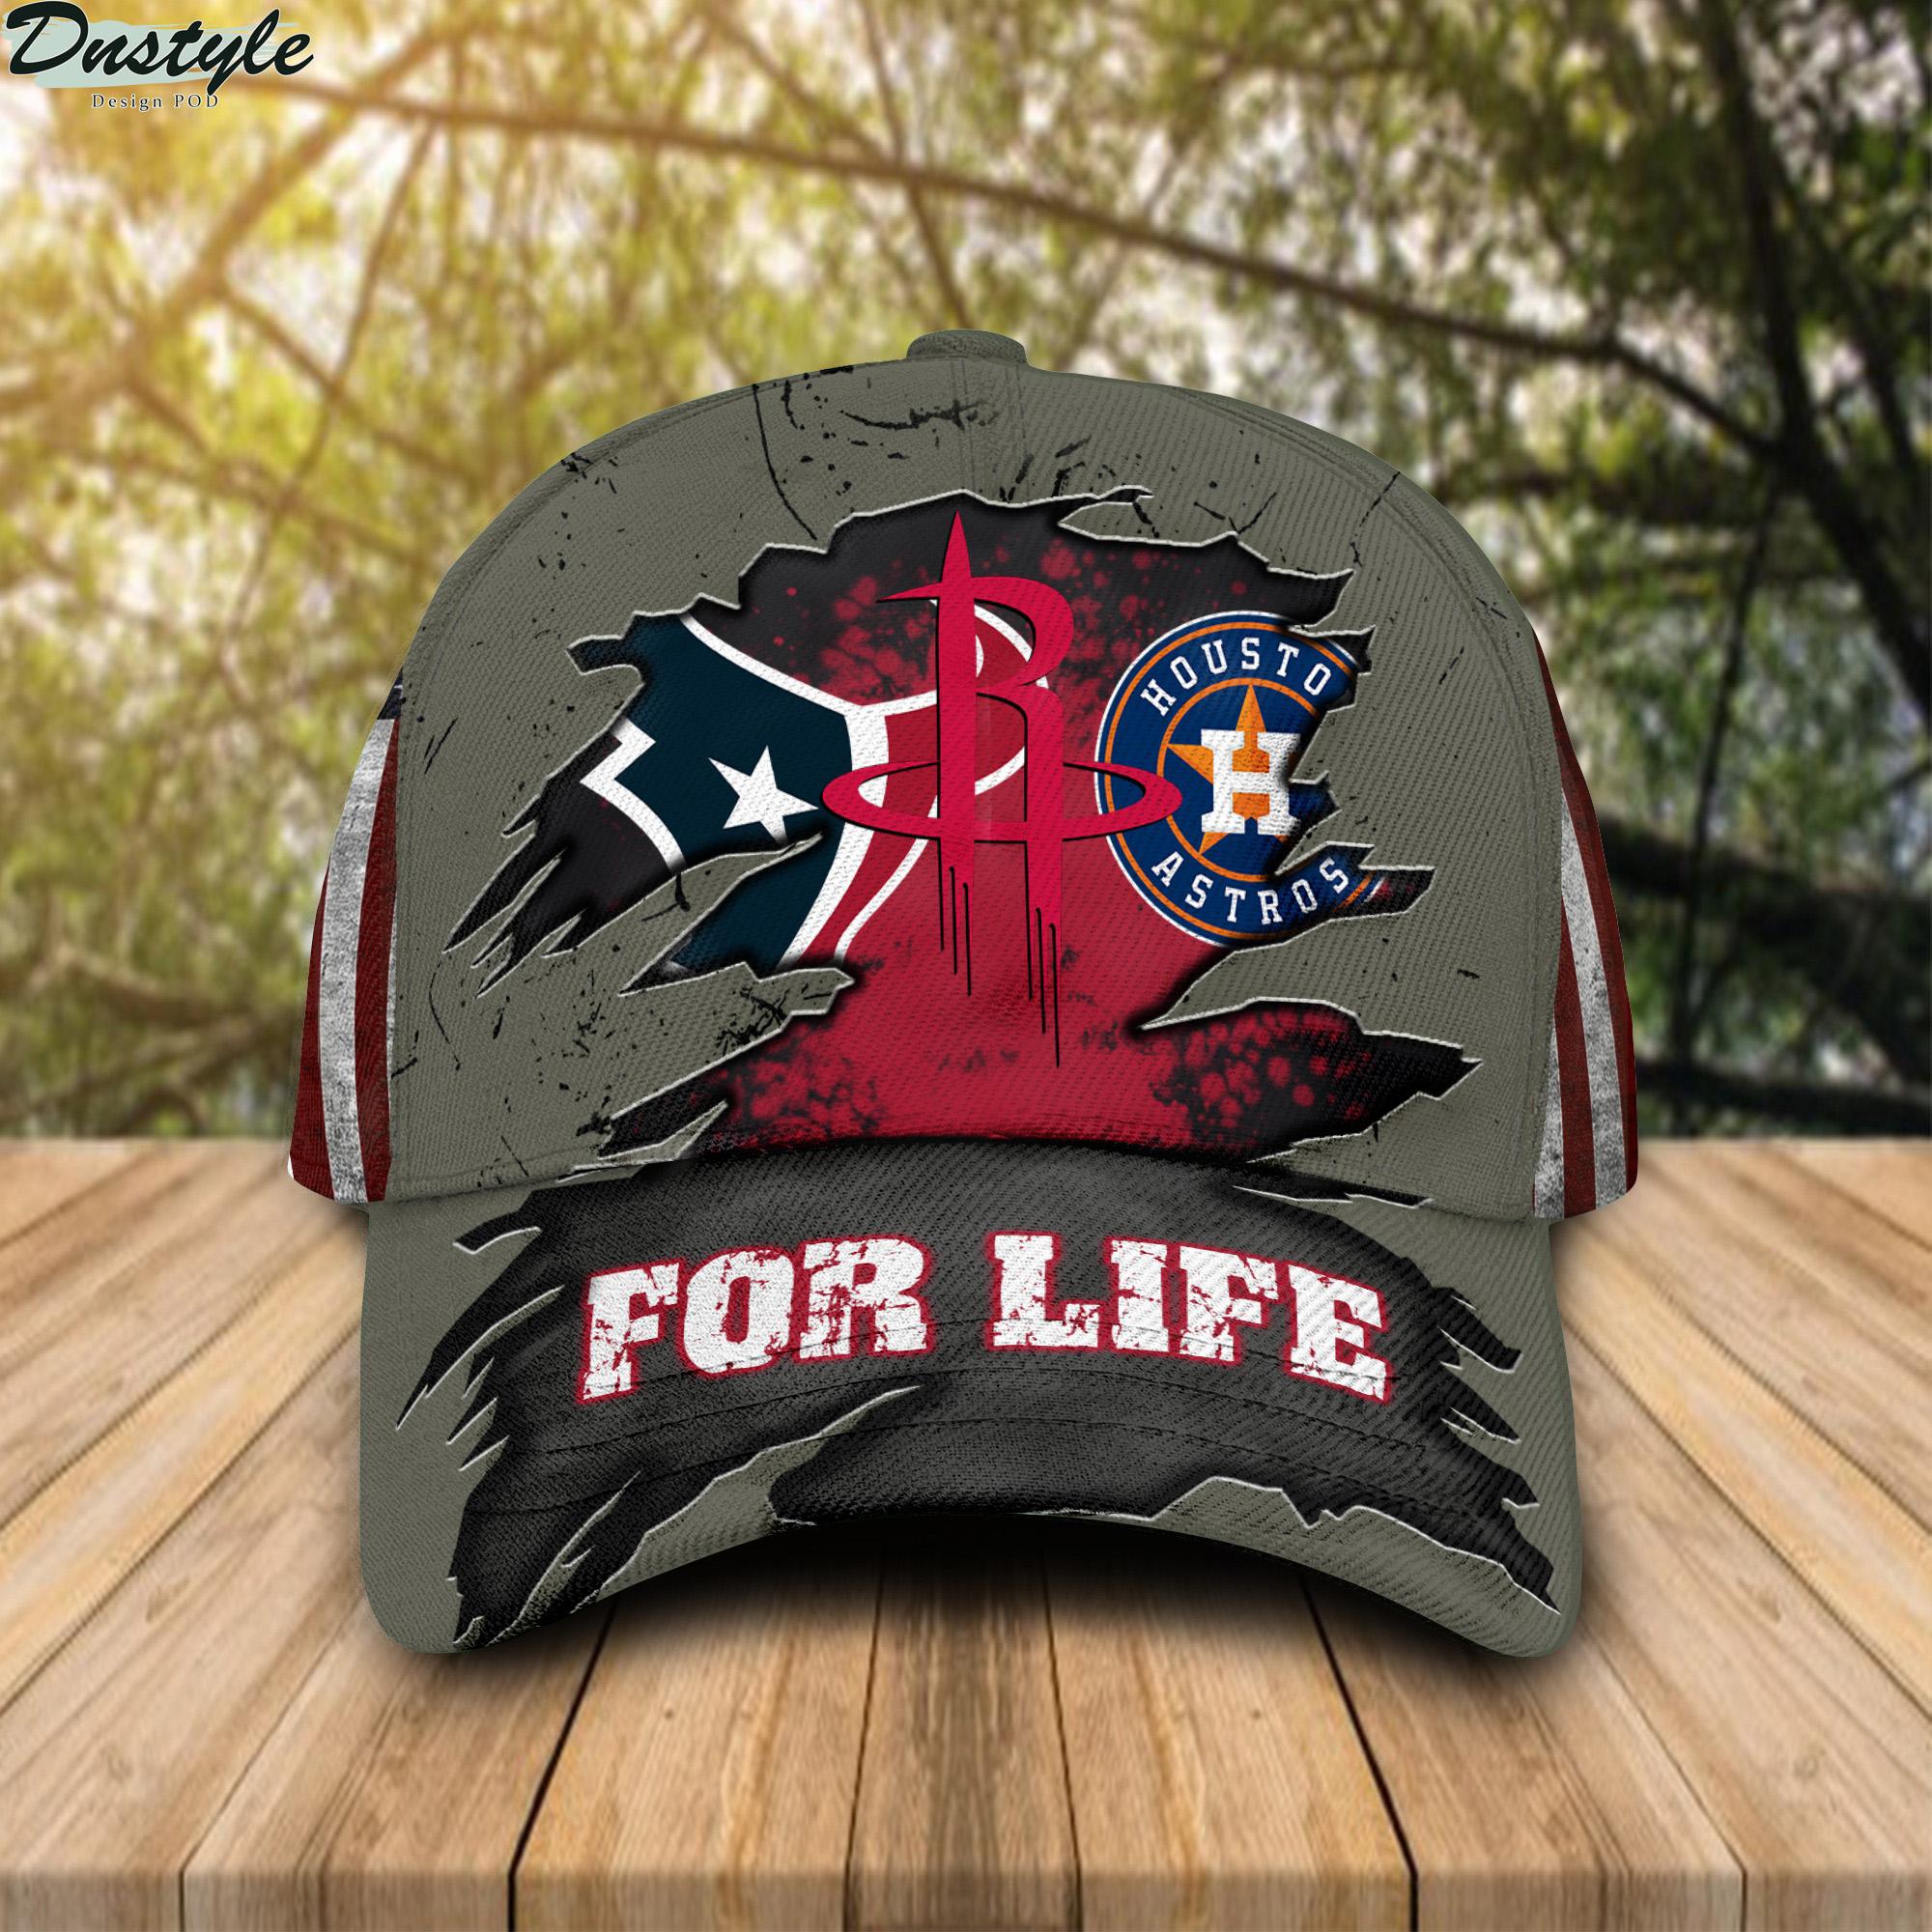 Houston texans houston astros houston rockets for life cap